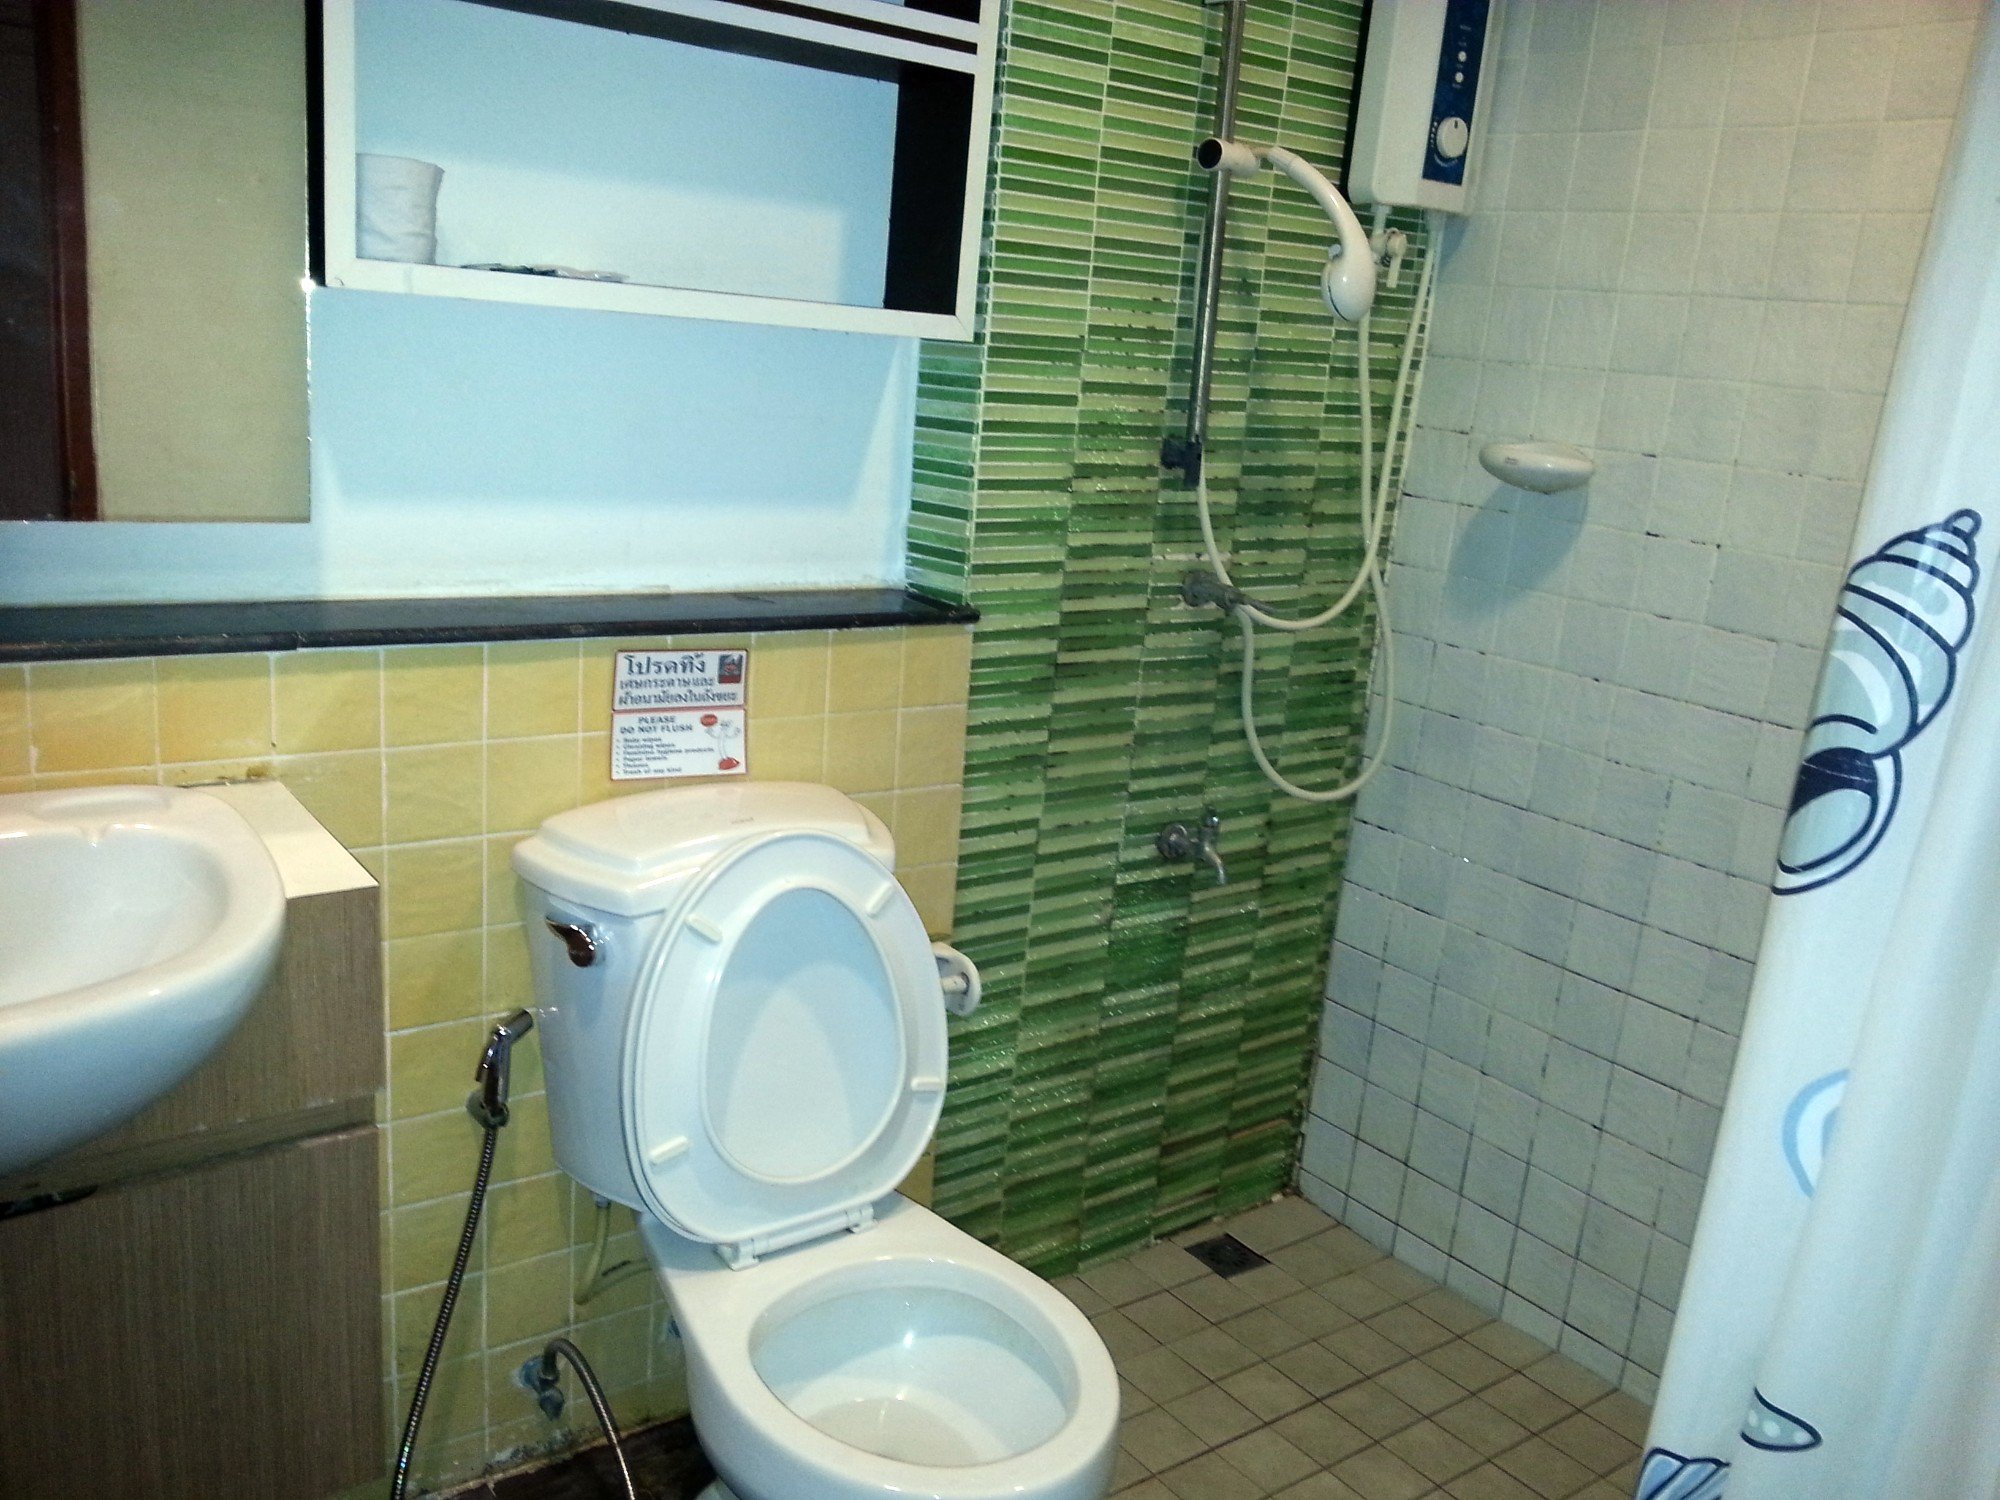 Bathroom at the Baan Chiang Rai Guest House